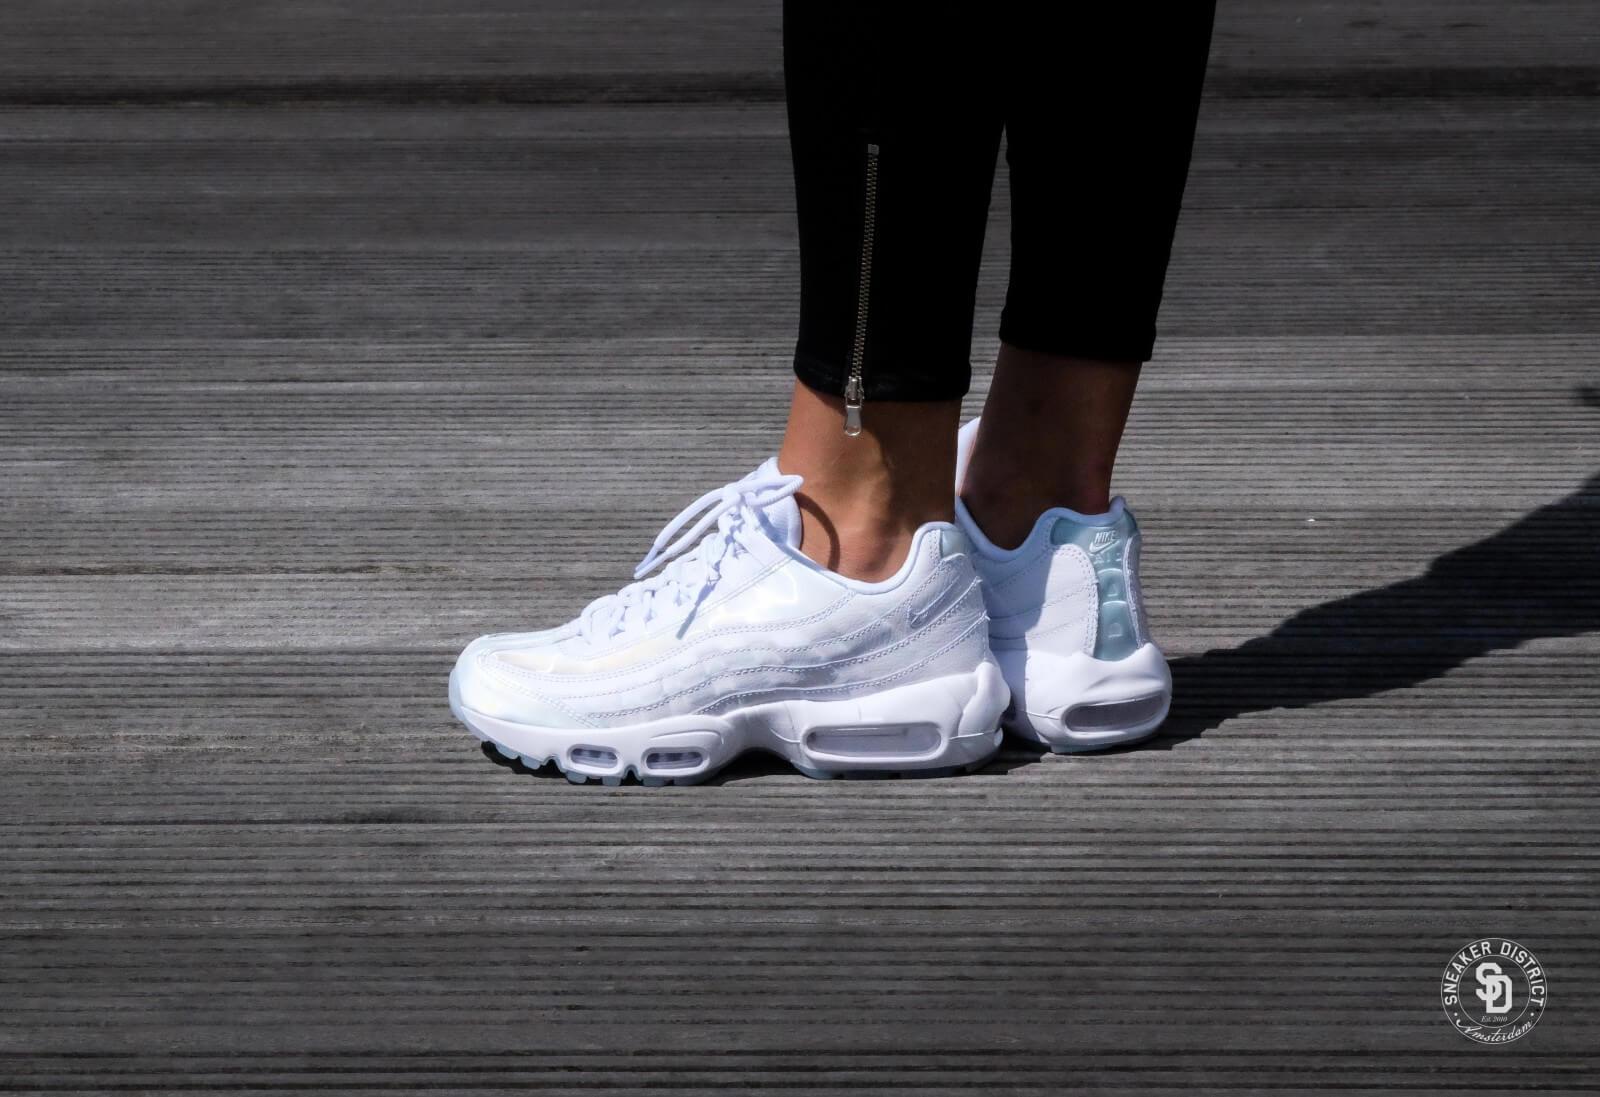 air max 95 white,nike air max 95 white pure platinum